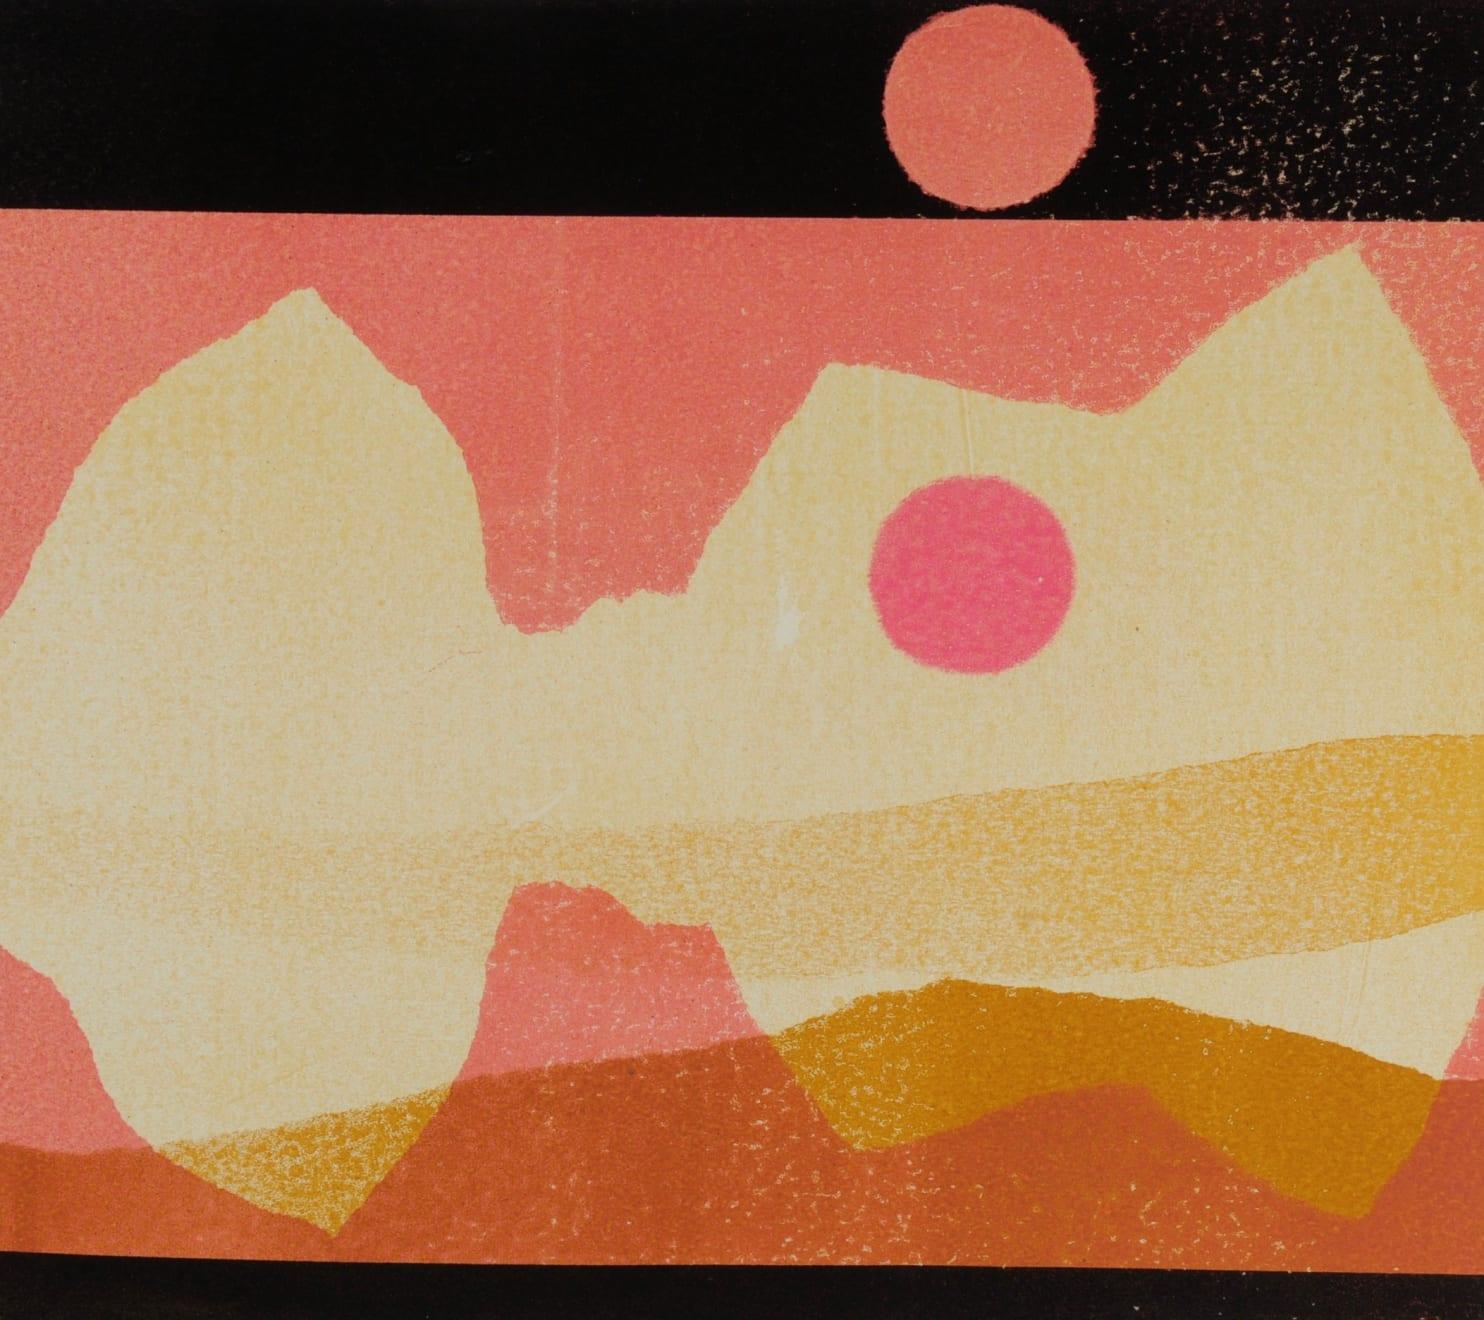 Nigel Swift, Double Moon, 2020